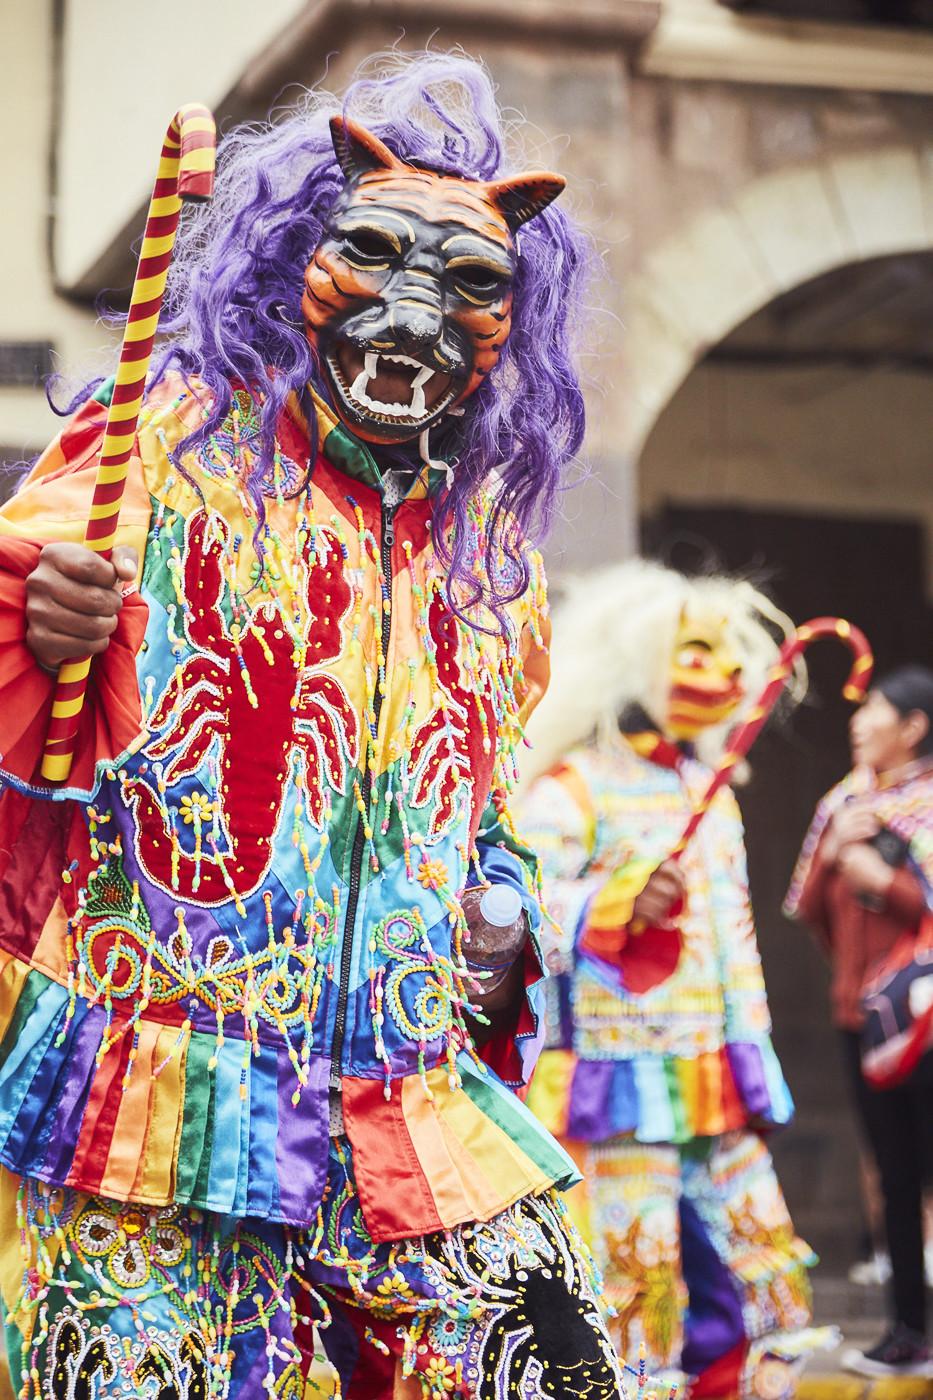 Farbenfrohe Kleidung und eine Tigermaske mit Lila Haaren, jede Gruppe hatte bei der Feier des Señor de Huanca ihre eigene Verkleidung